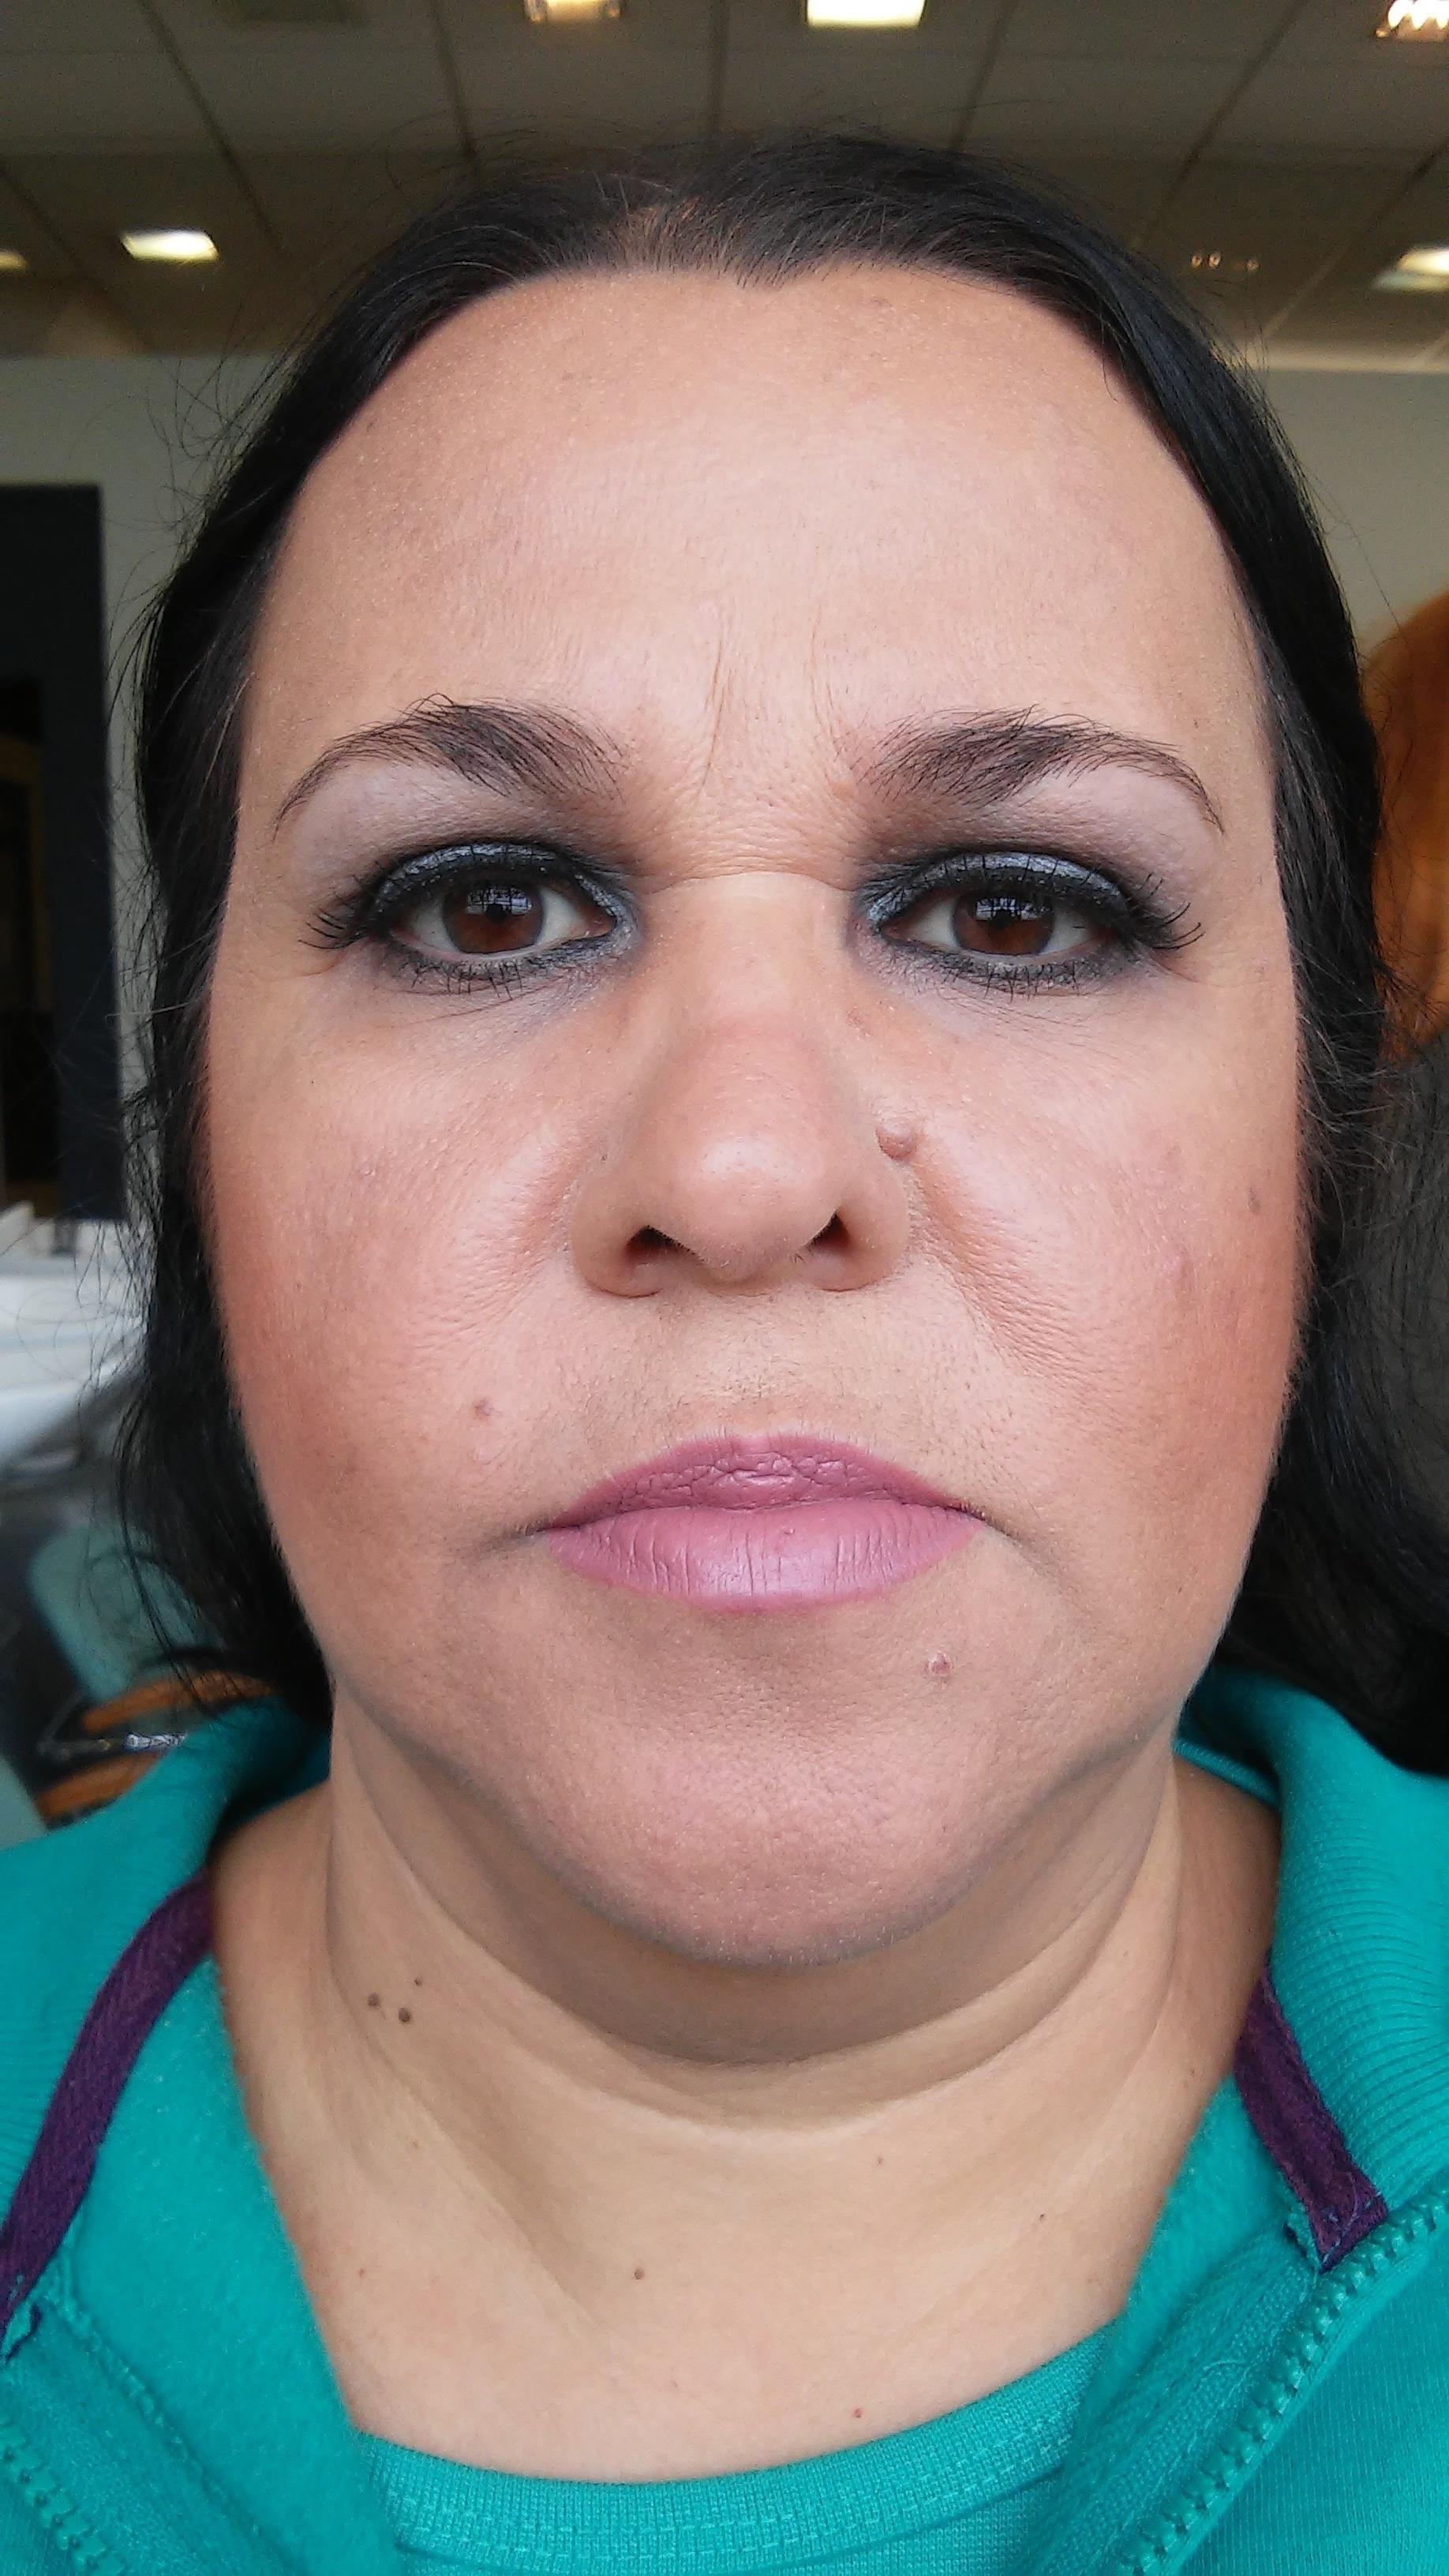 Pele madura Esta maquiagem foi voltada á pele madura, onde foi usado produtos específicos para a mesma. Por ser uma maquiagem para a noite, foi usado tons escuros nos olhos mas sem pesar muito e um tom mais claro na boca para realçar mais o olhar. esteticista maquiador(a)